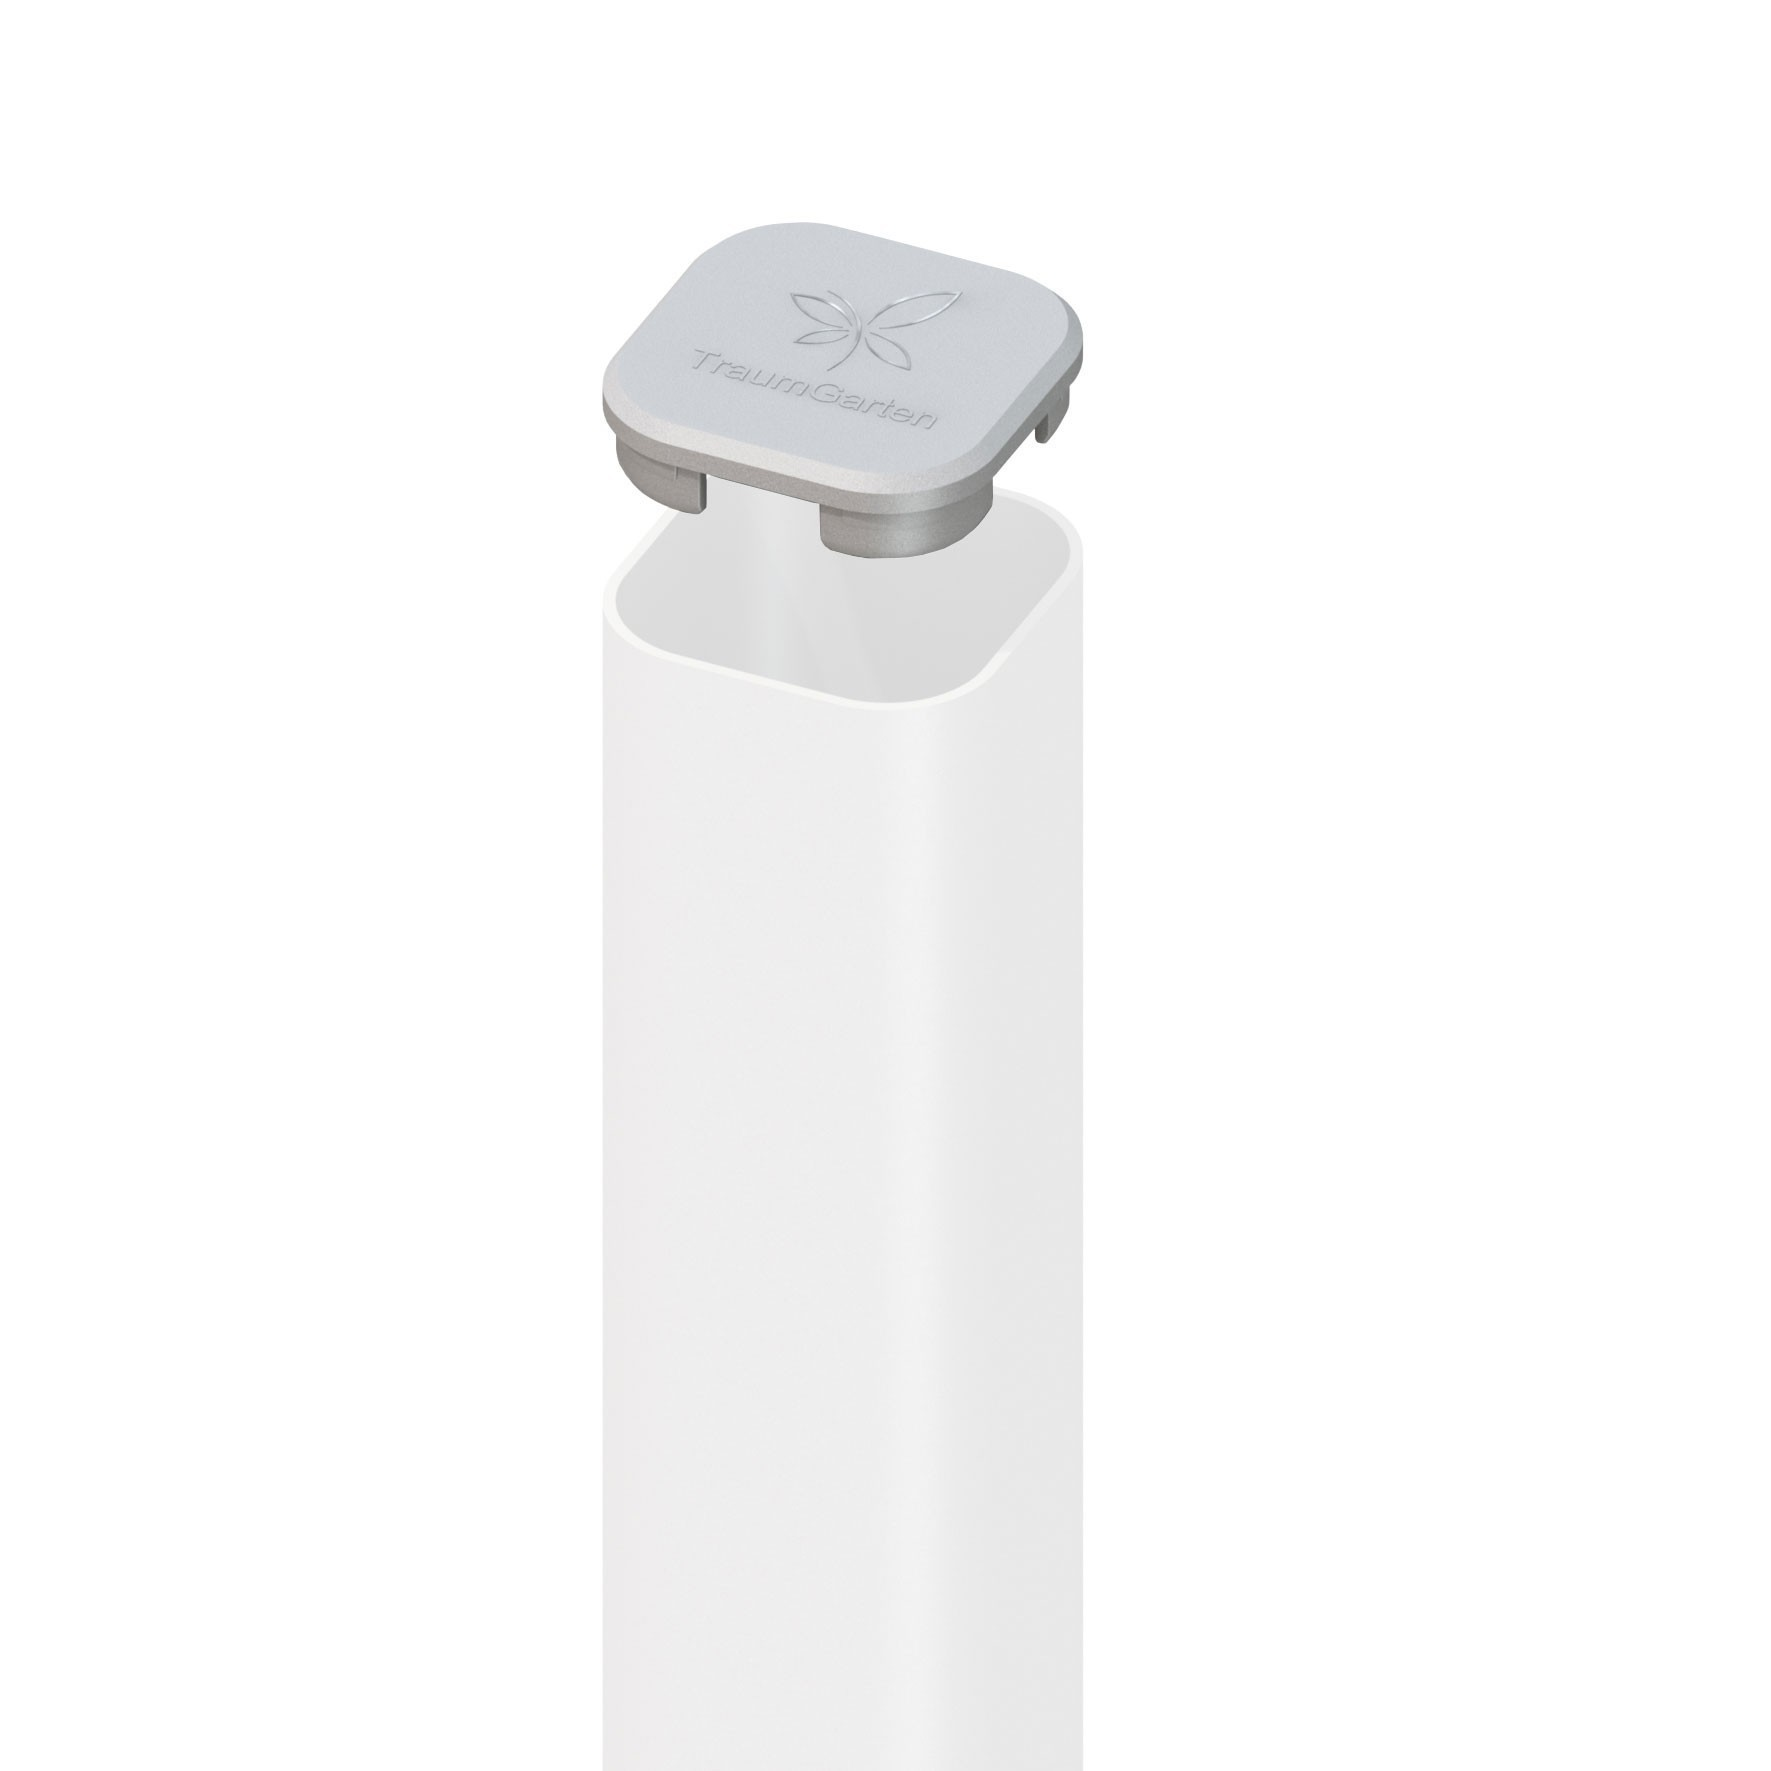 Ersatz Pfostenkappe TraumGarten Universal Kunststoff silber Bild 1